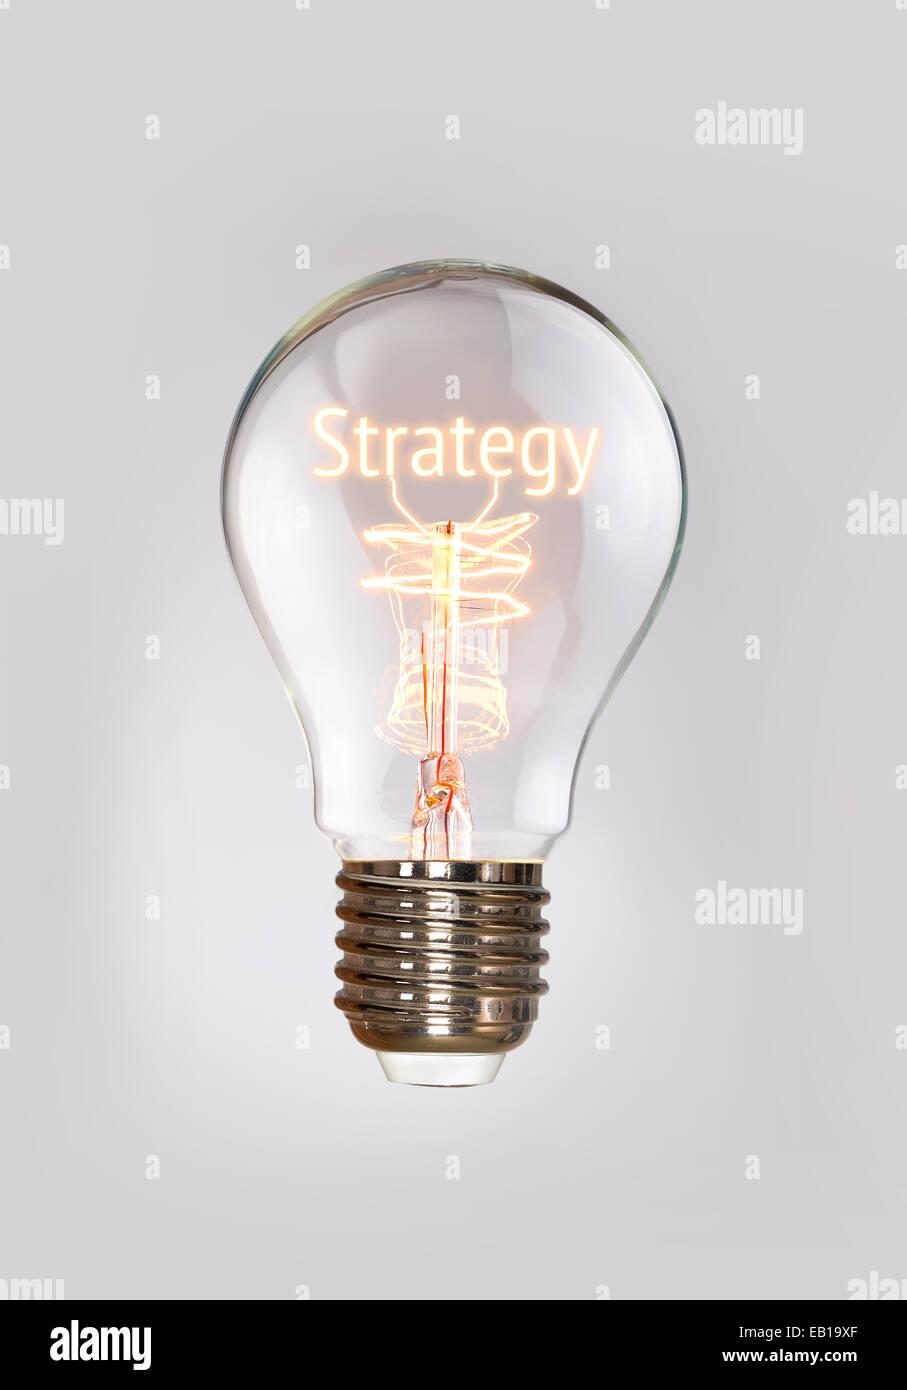 Il concetto di strategia in un filamento lampadina. Immagini Stock